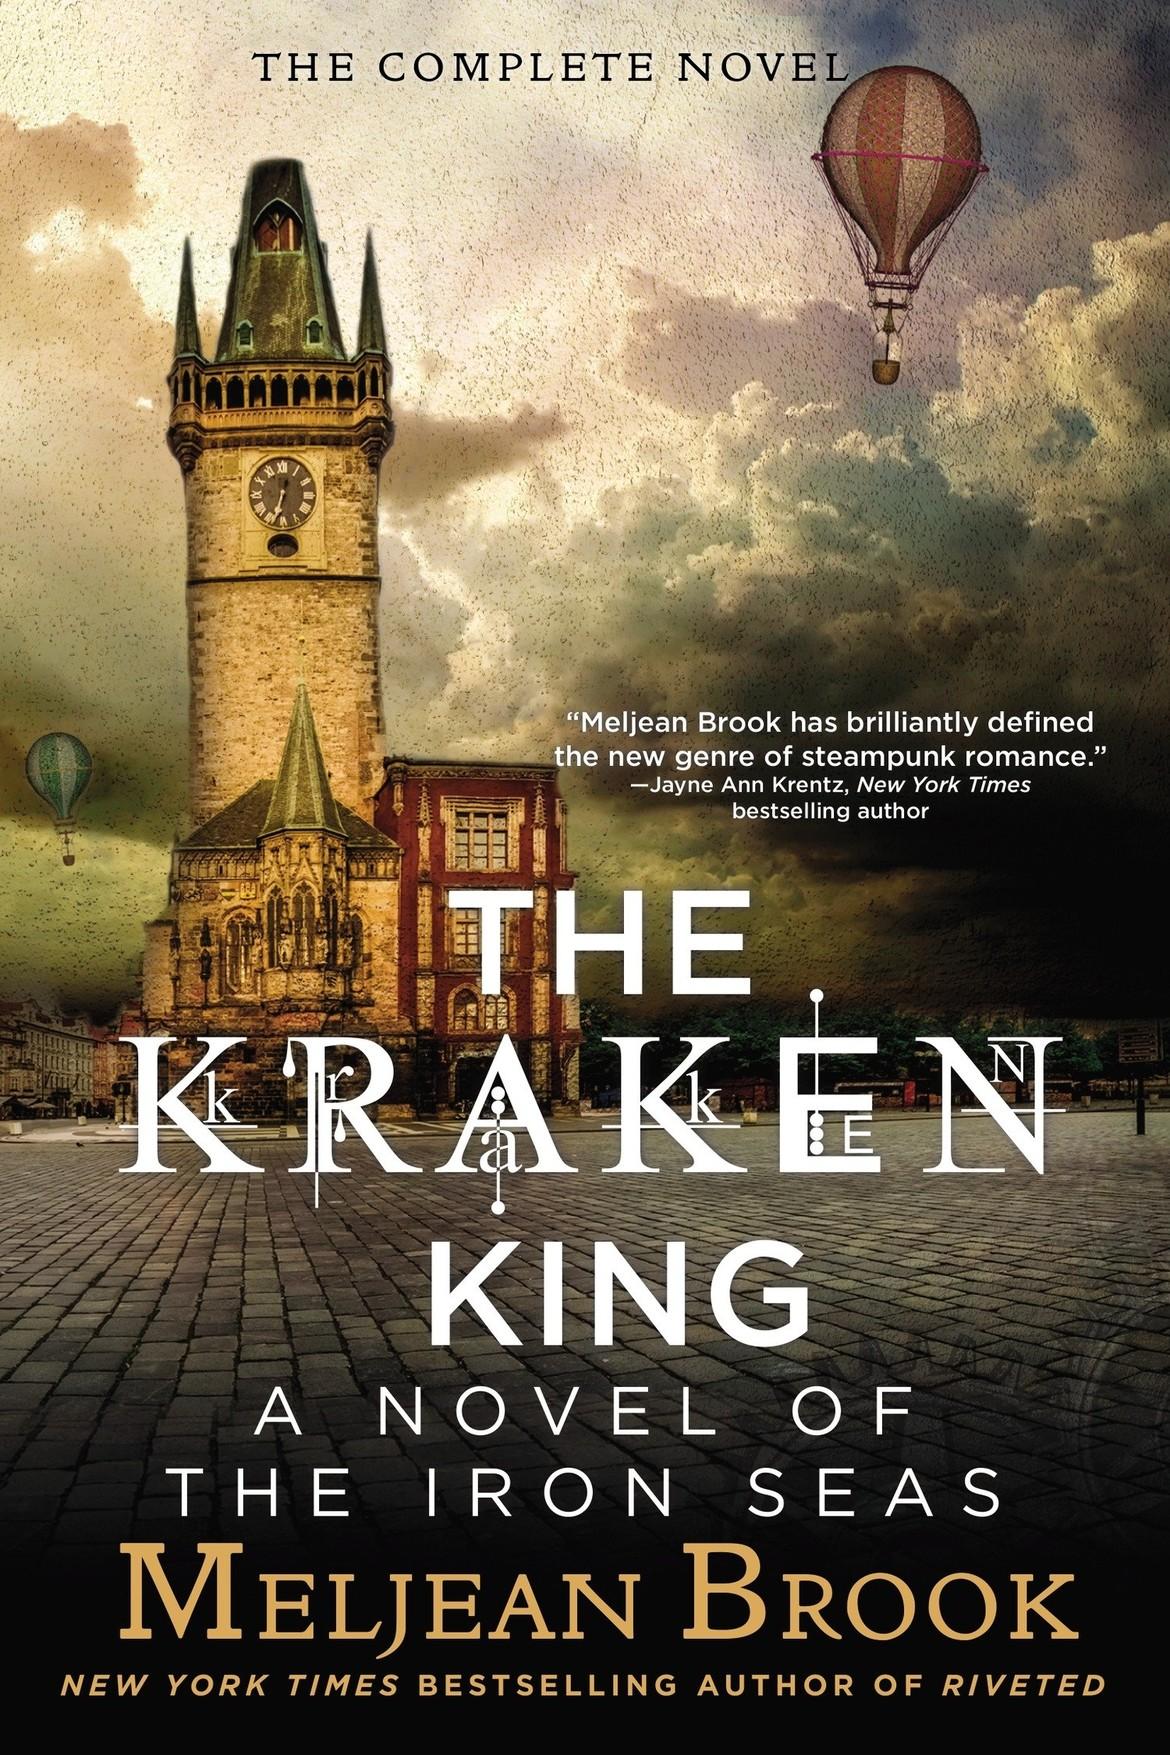 kraken_king_meljean_brook.jpg